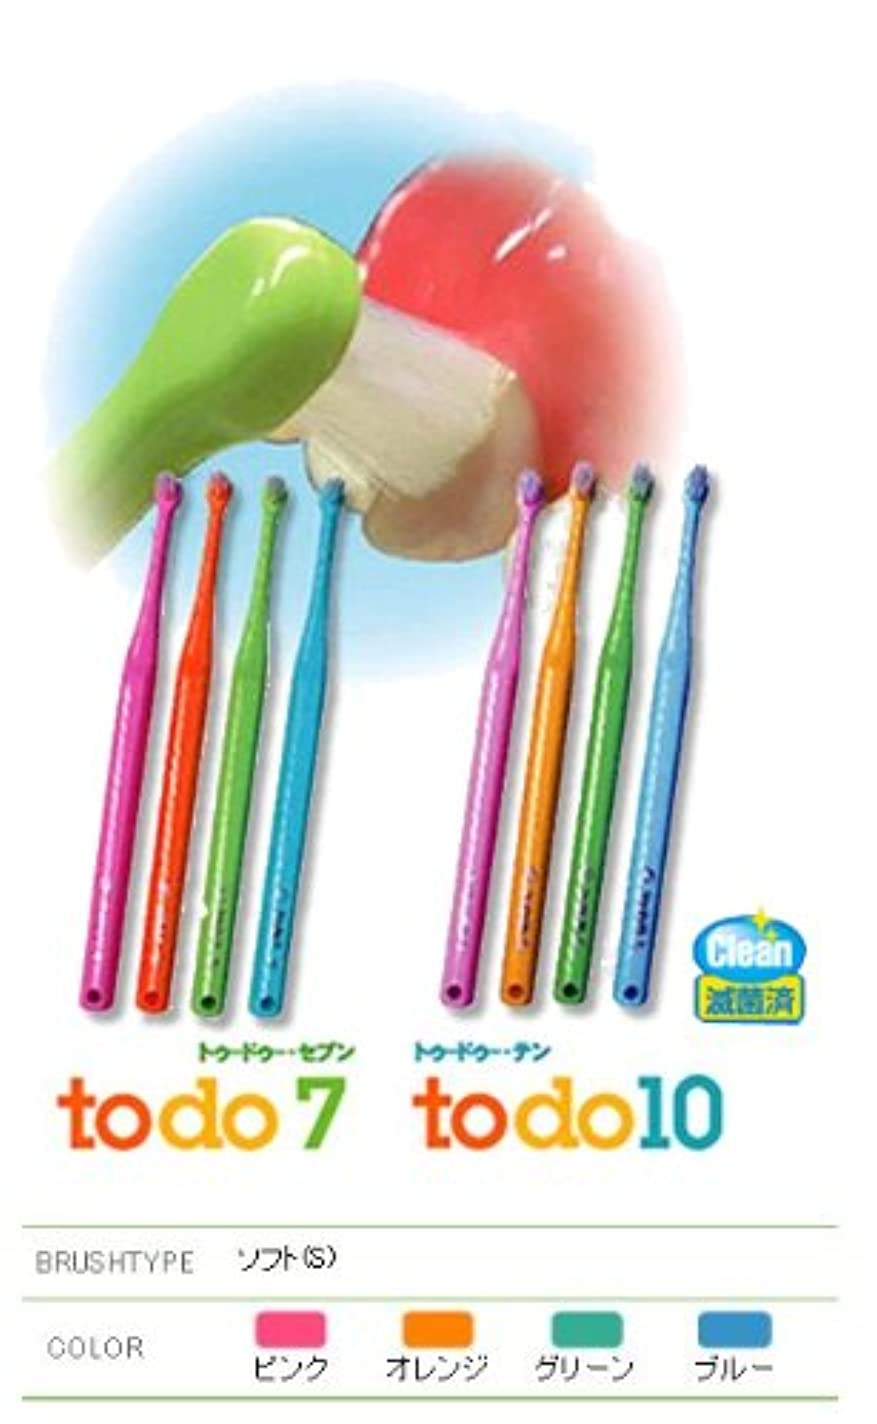 失礼広い圧縮された【オーラルケア】【歯科用】todo10 1箱(24本)【歯ブラシ】【滅菌済】4色(アソート)トゥードゥー?テン